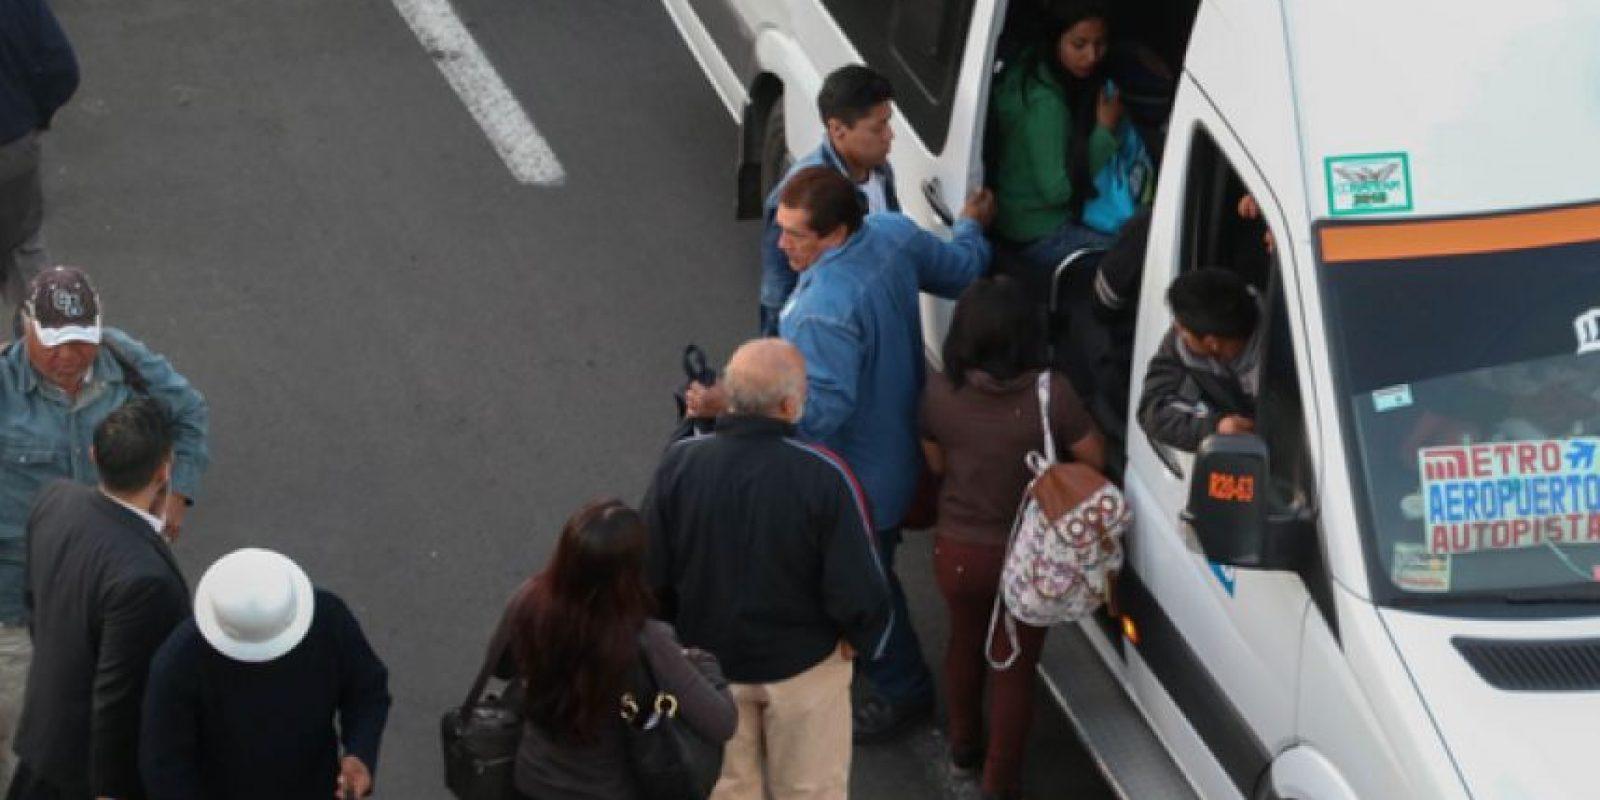 Padres de familia y menores lidiaron con la saturación del transporte público. Foto:Cuartoscuro